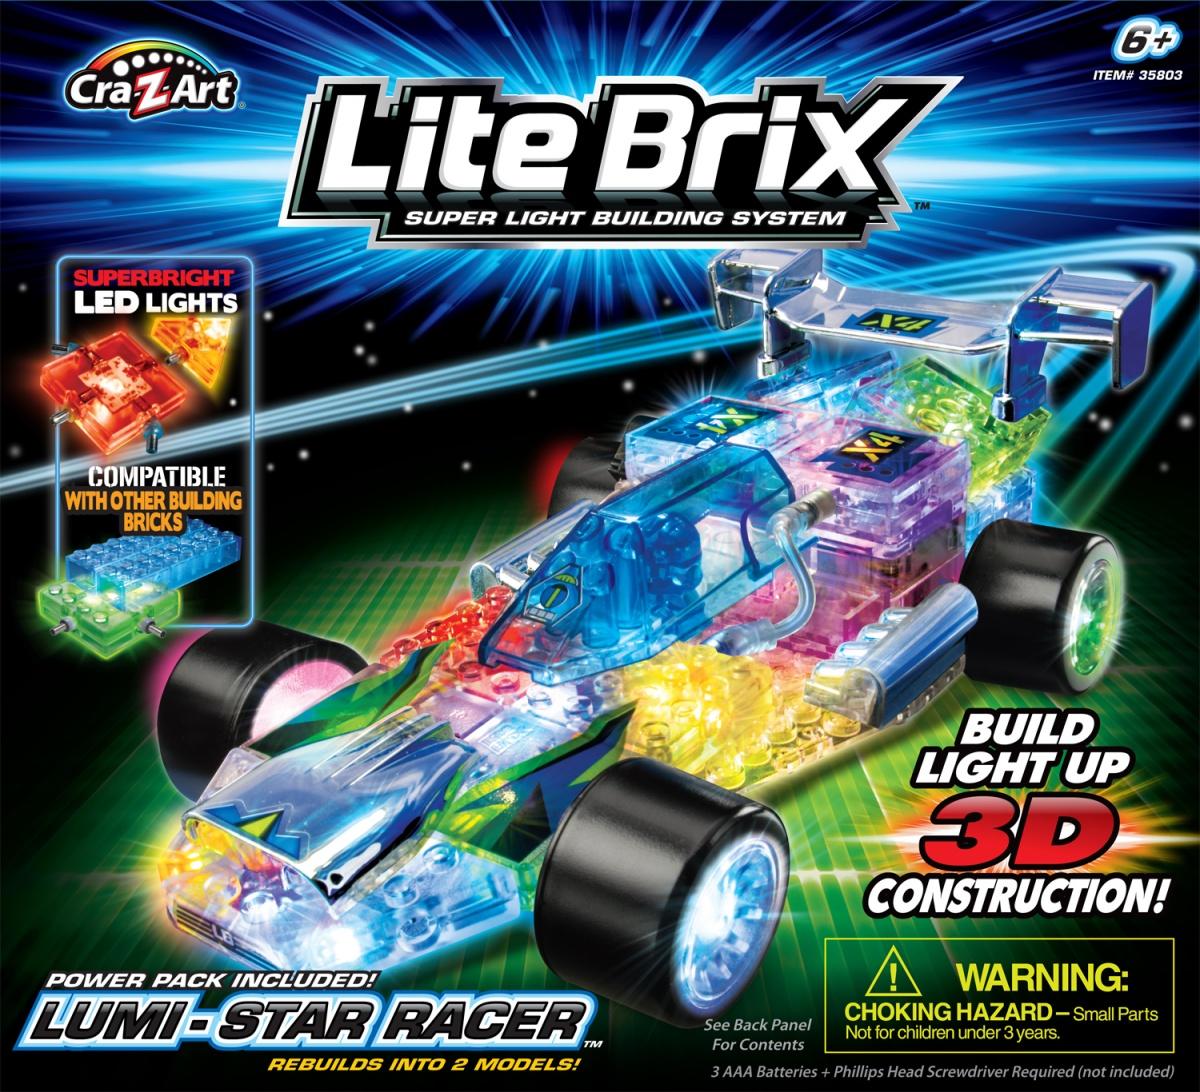 Сбор заказов. Распродажа светящихся конструкторов Lite Brix-23. Скидка 40%. Совместимы с Lego, Отличный подарок на